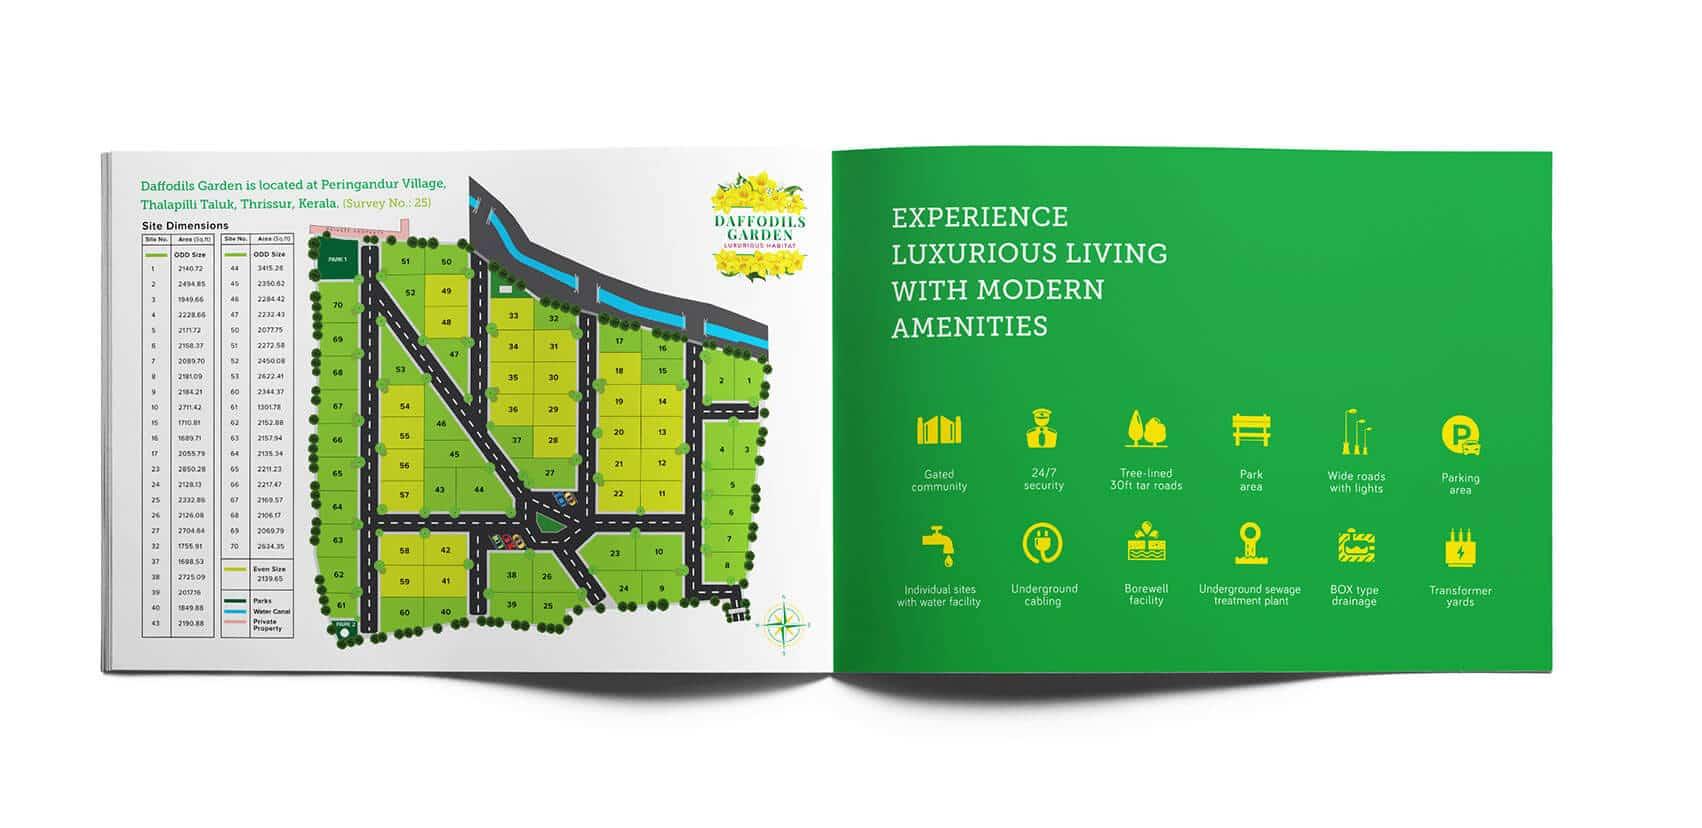 Daffodils Garden Branding Brochure Design amenities Vatitude